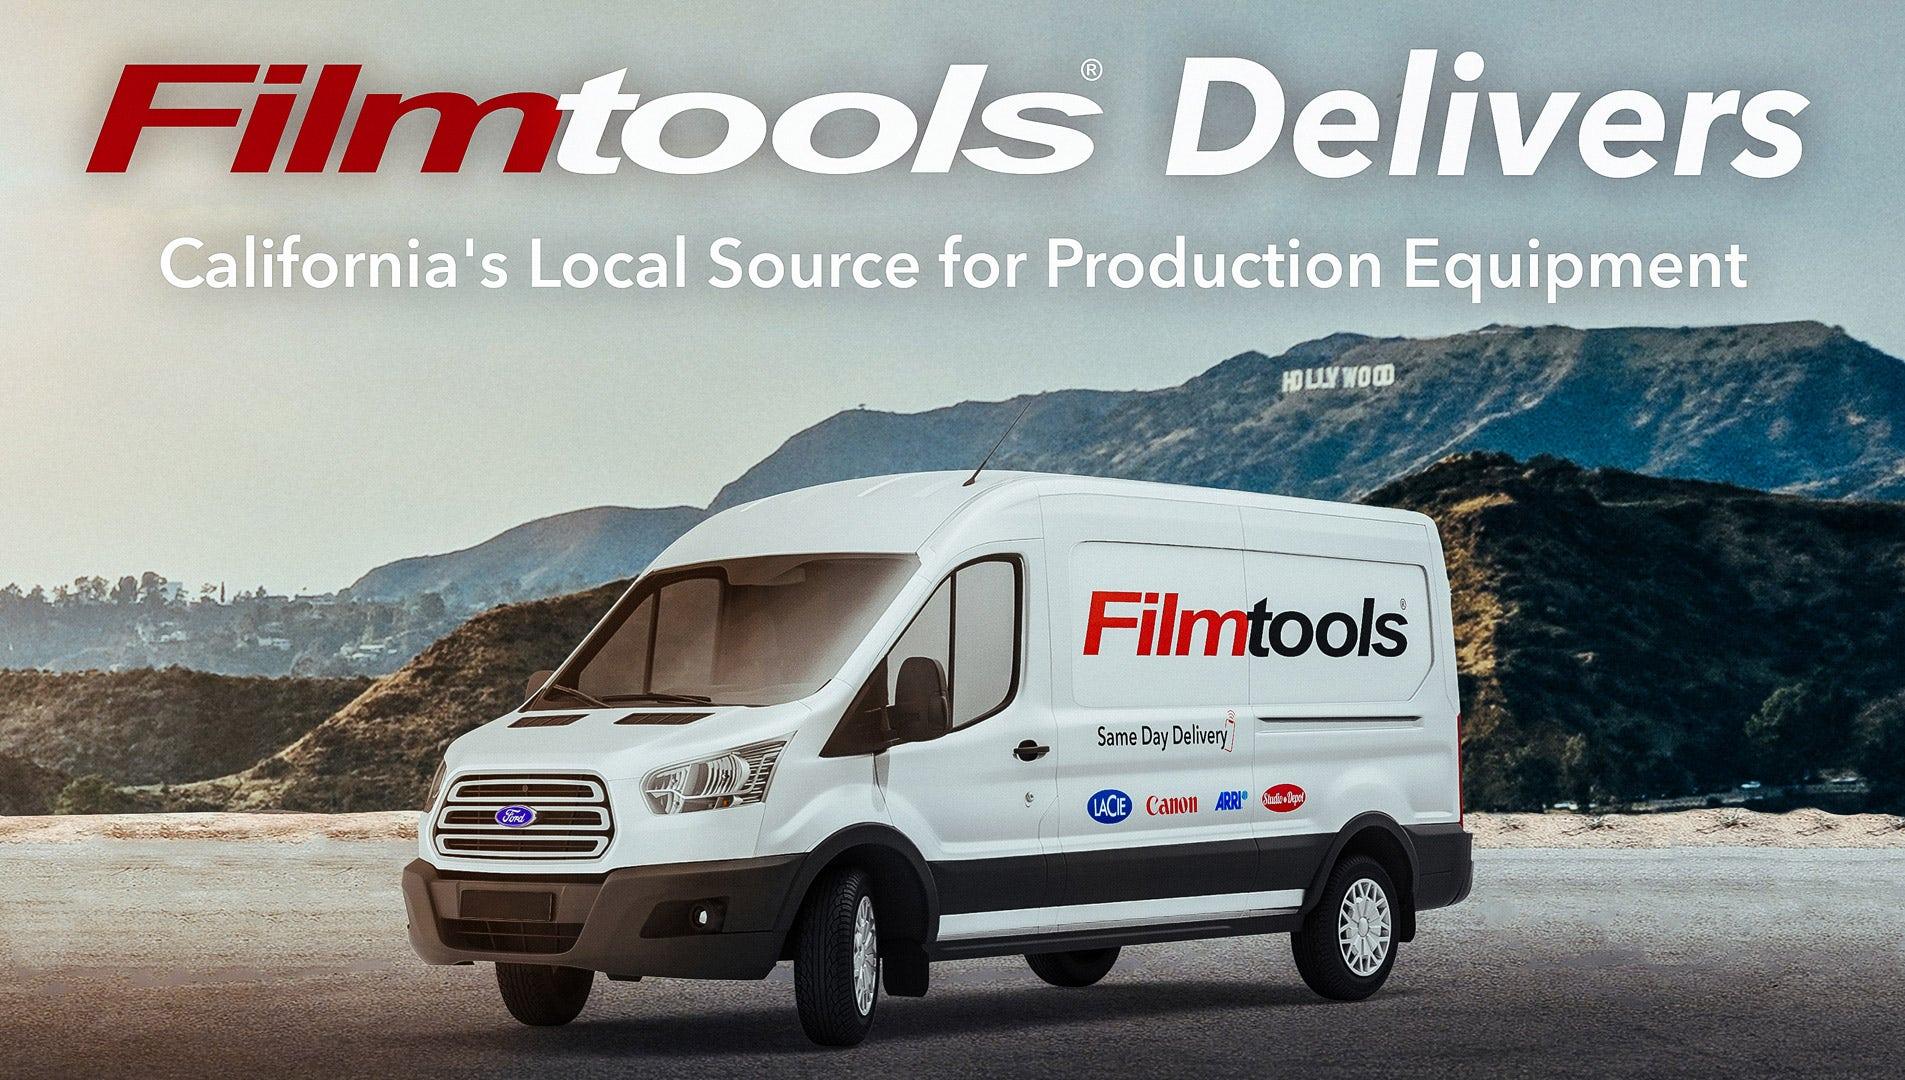 Filmtool Delivery Van